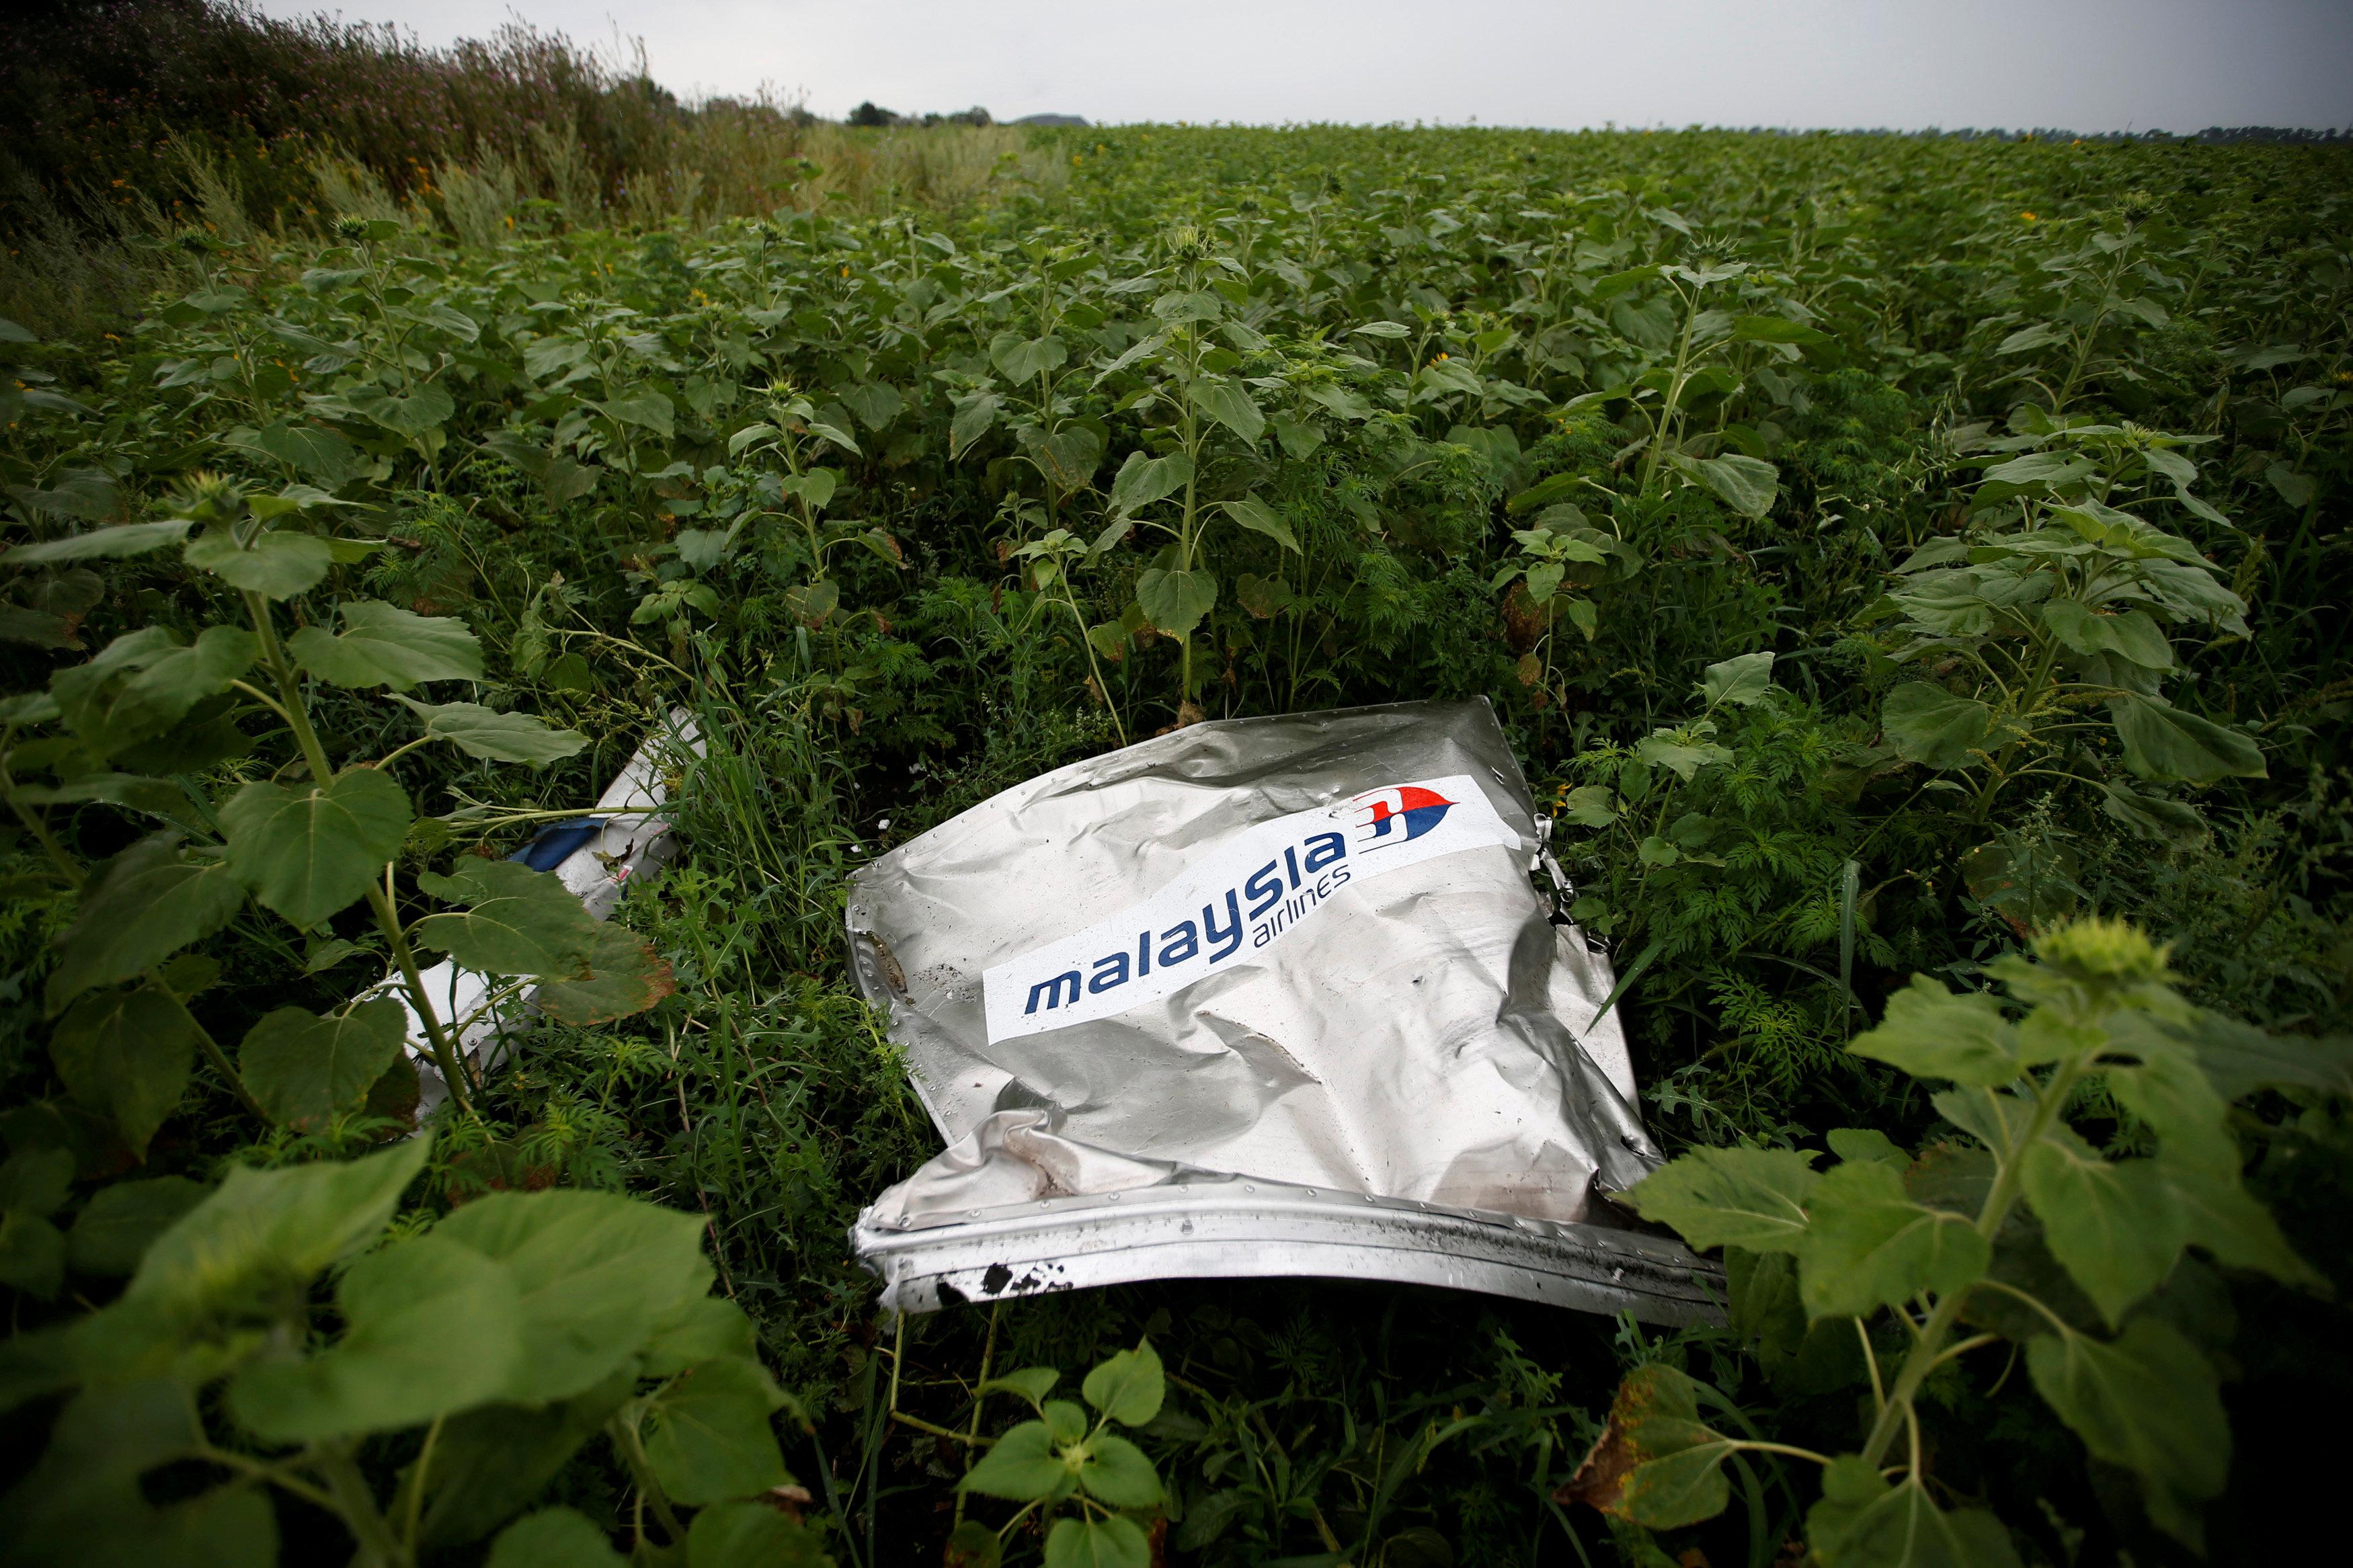 Нидерланды объявили виновных в крушении боинга на Донбассе: среди них украинец